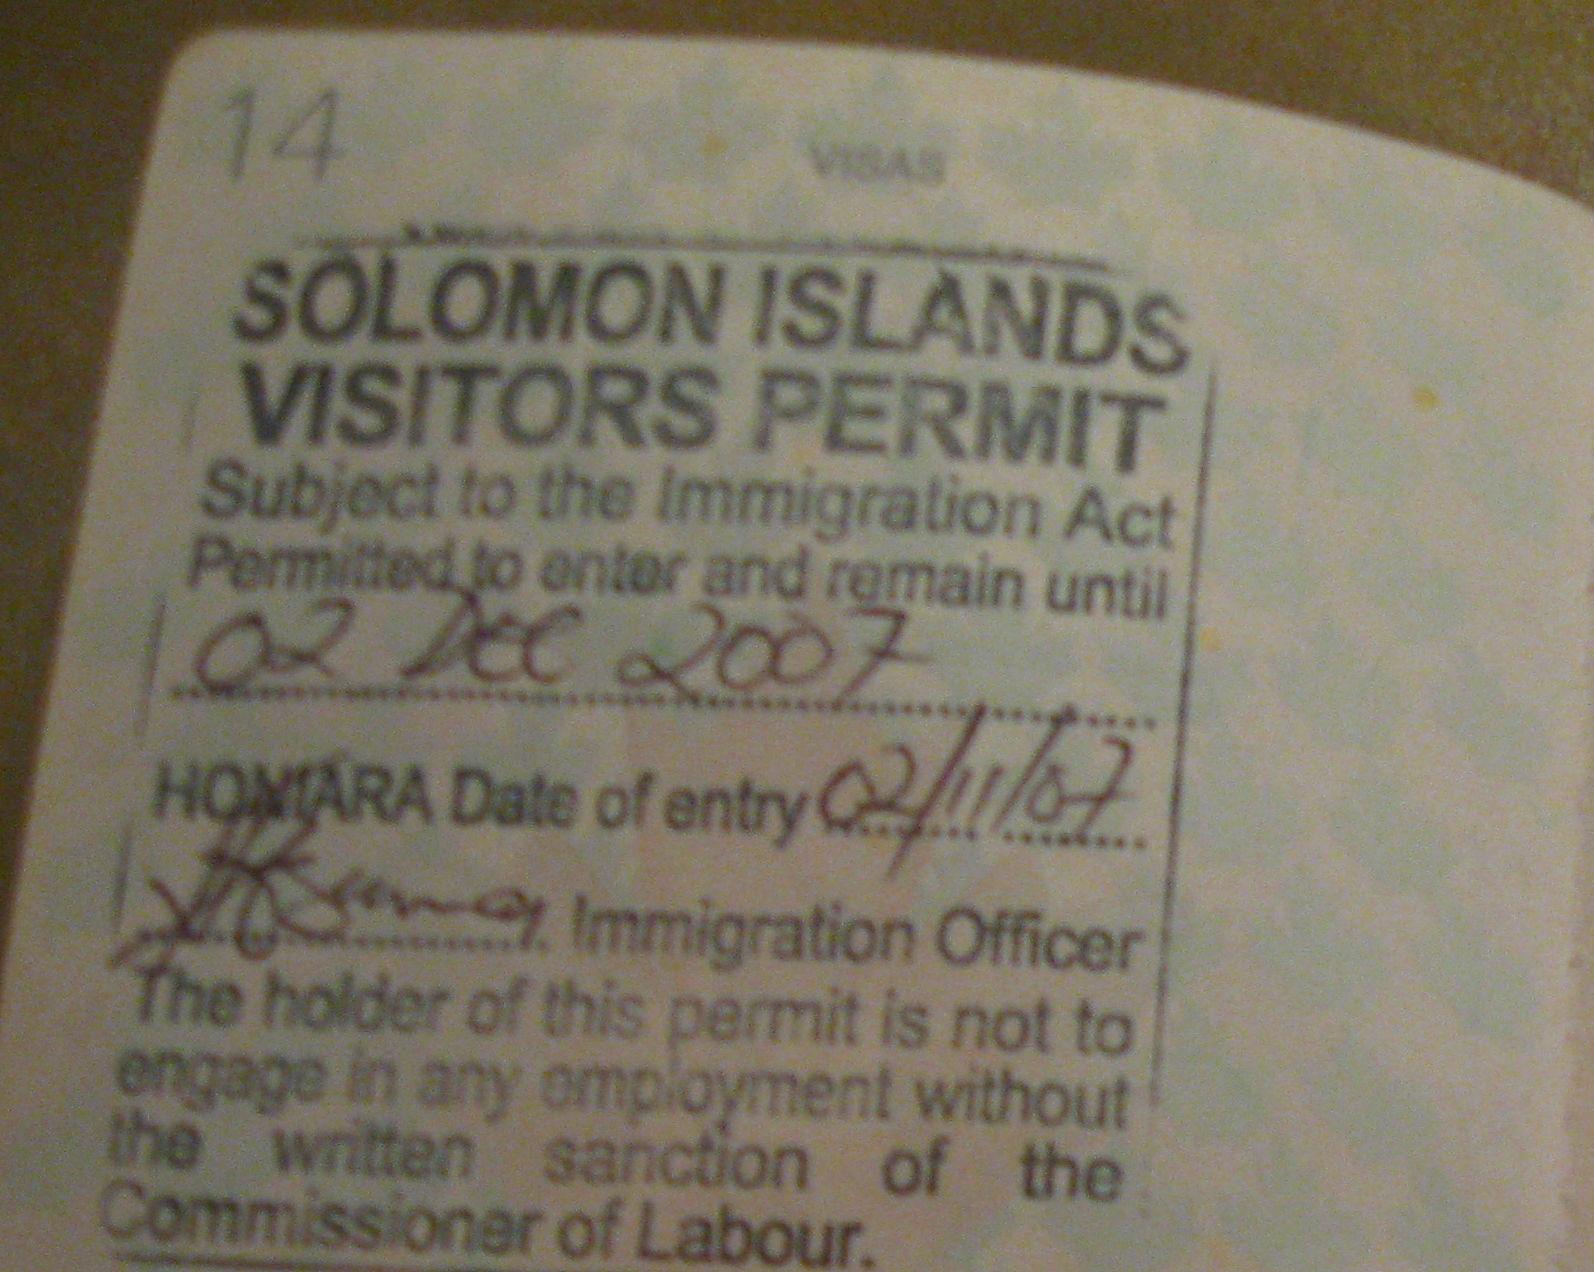 Visitor permit дает туристу право пребывания на островах в течение трех месяцев в течение каждых двенадцати месяцев